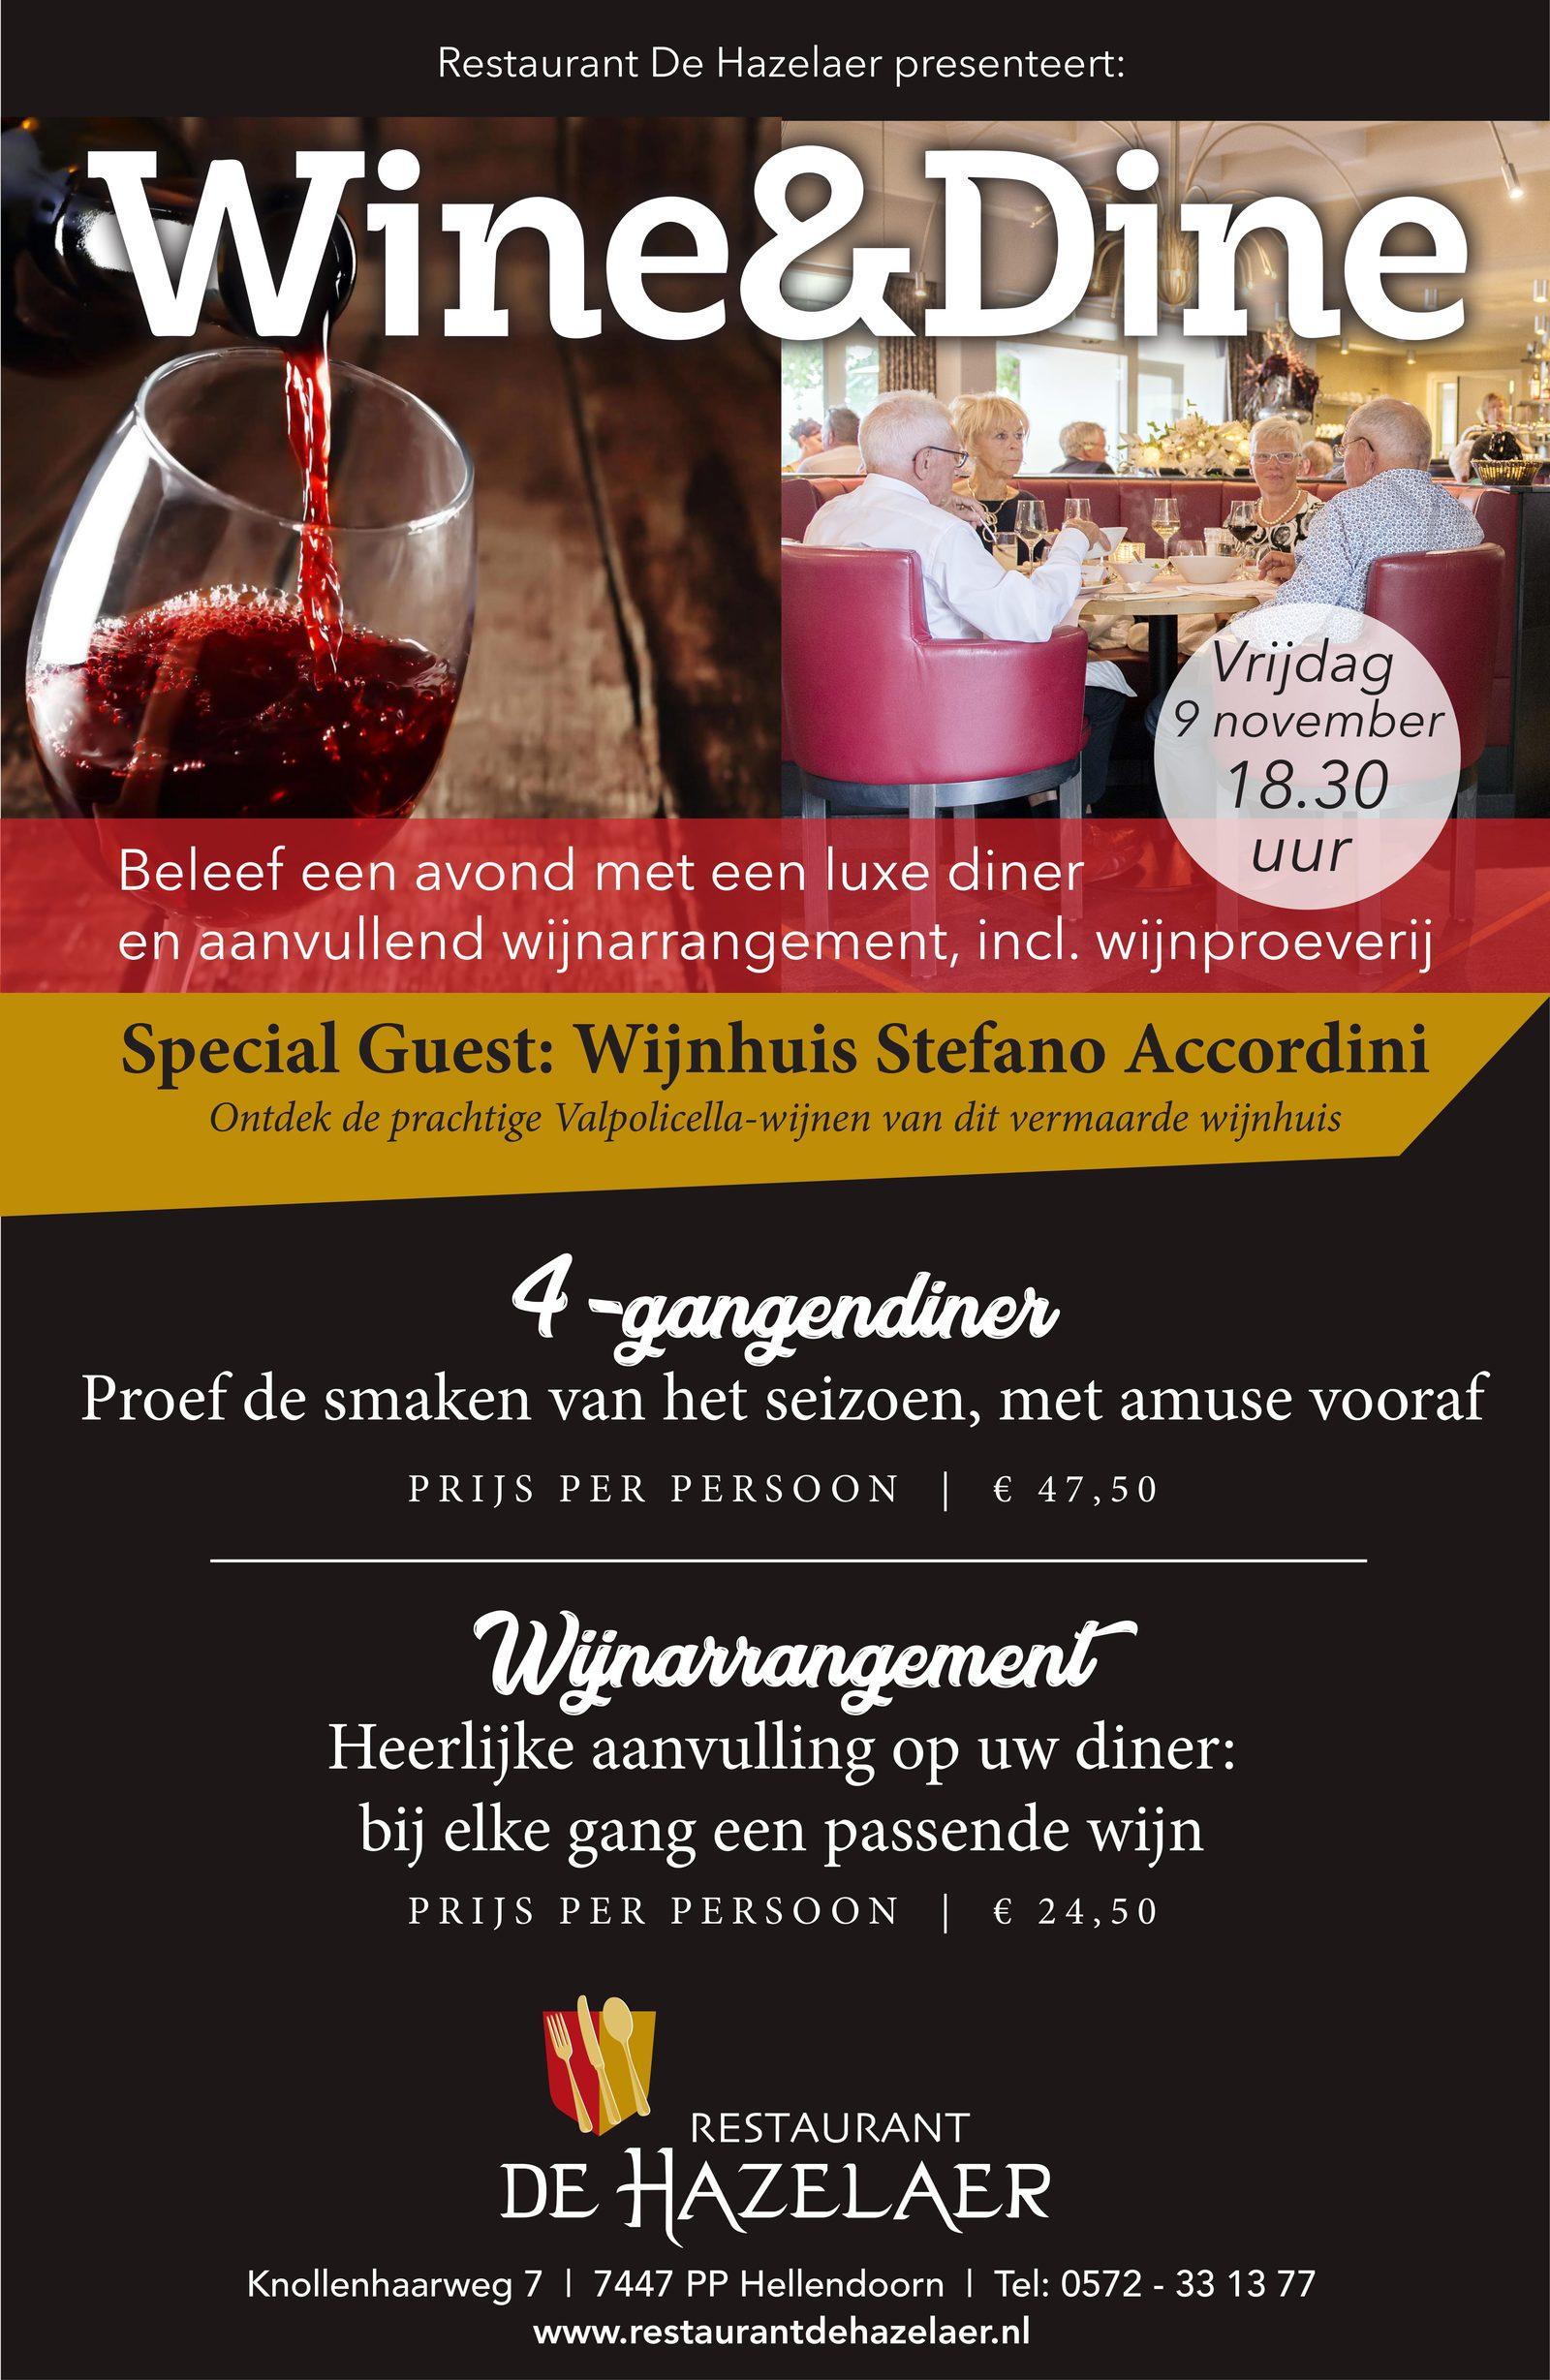 Avond Wine & Dine bij restaurant De Hazelaer